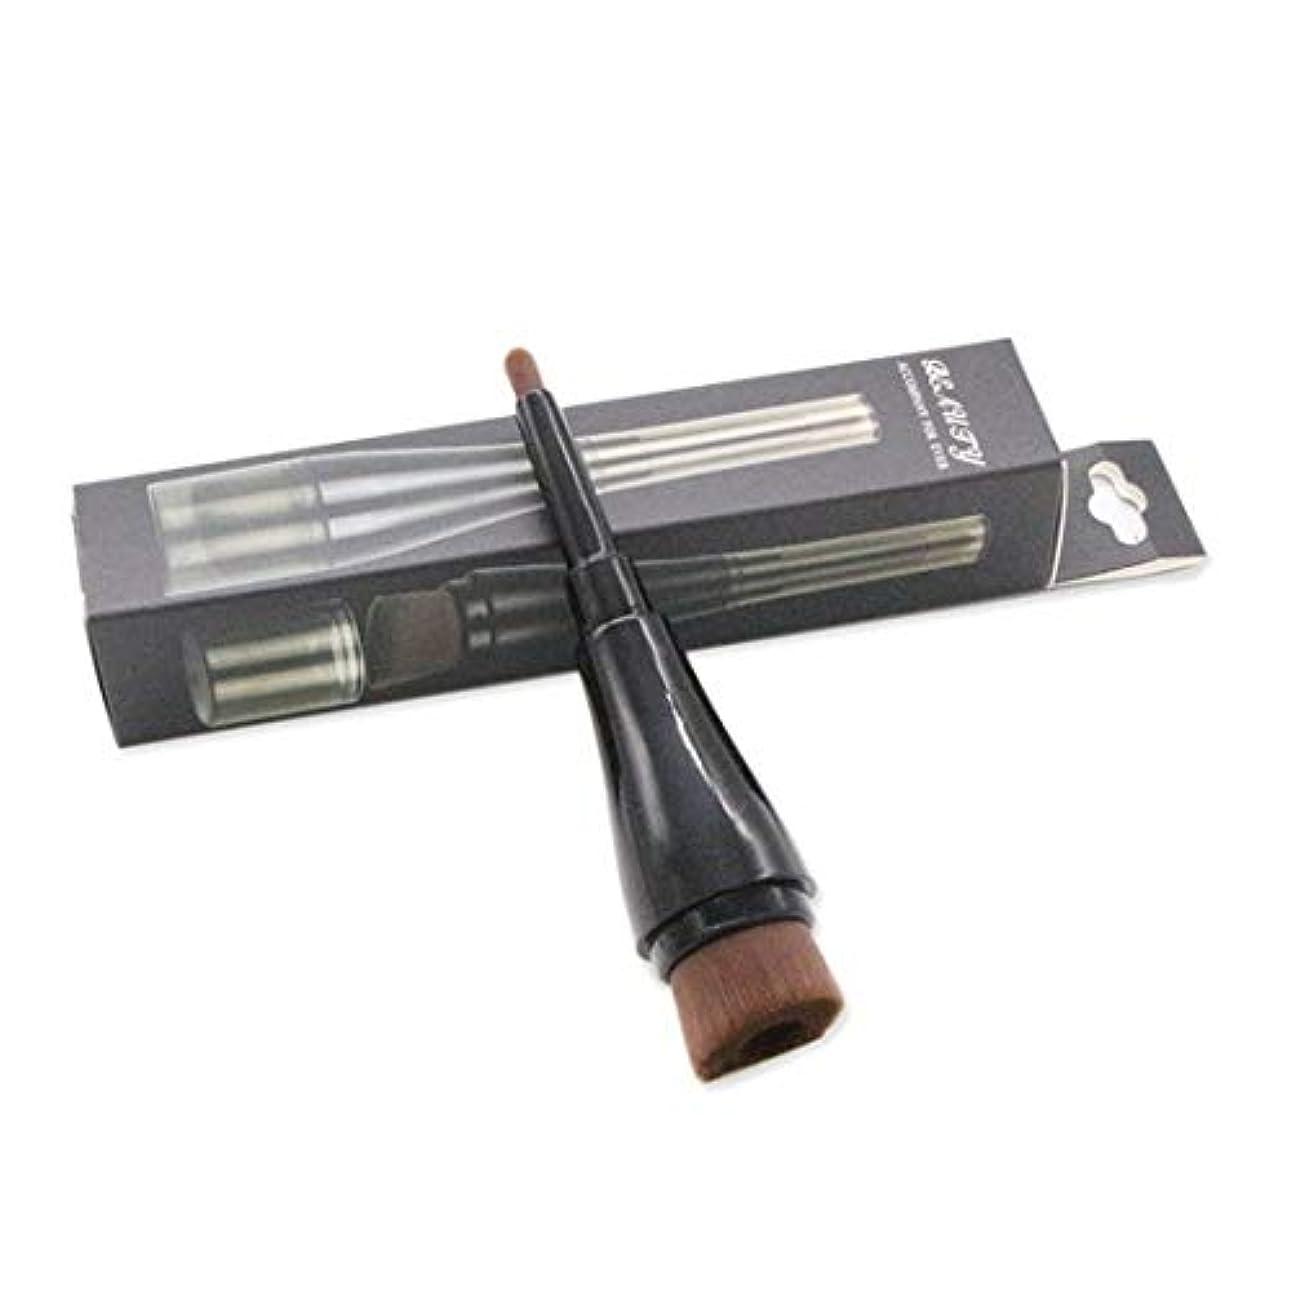 貨物メカニックマウントMakeup brushes ダブルヘッド化粧ブラシ旅行財団ブラシアイシャドウブラシ修理容量コンシーラーカバー付き suits (Color : Black)